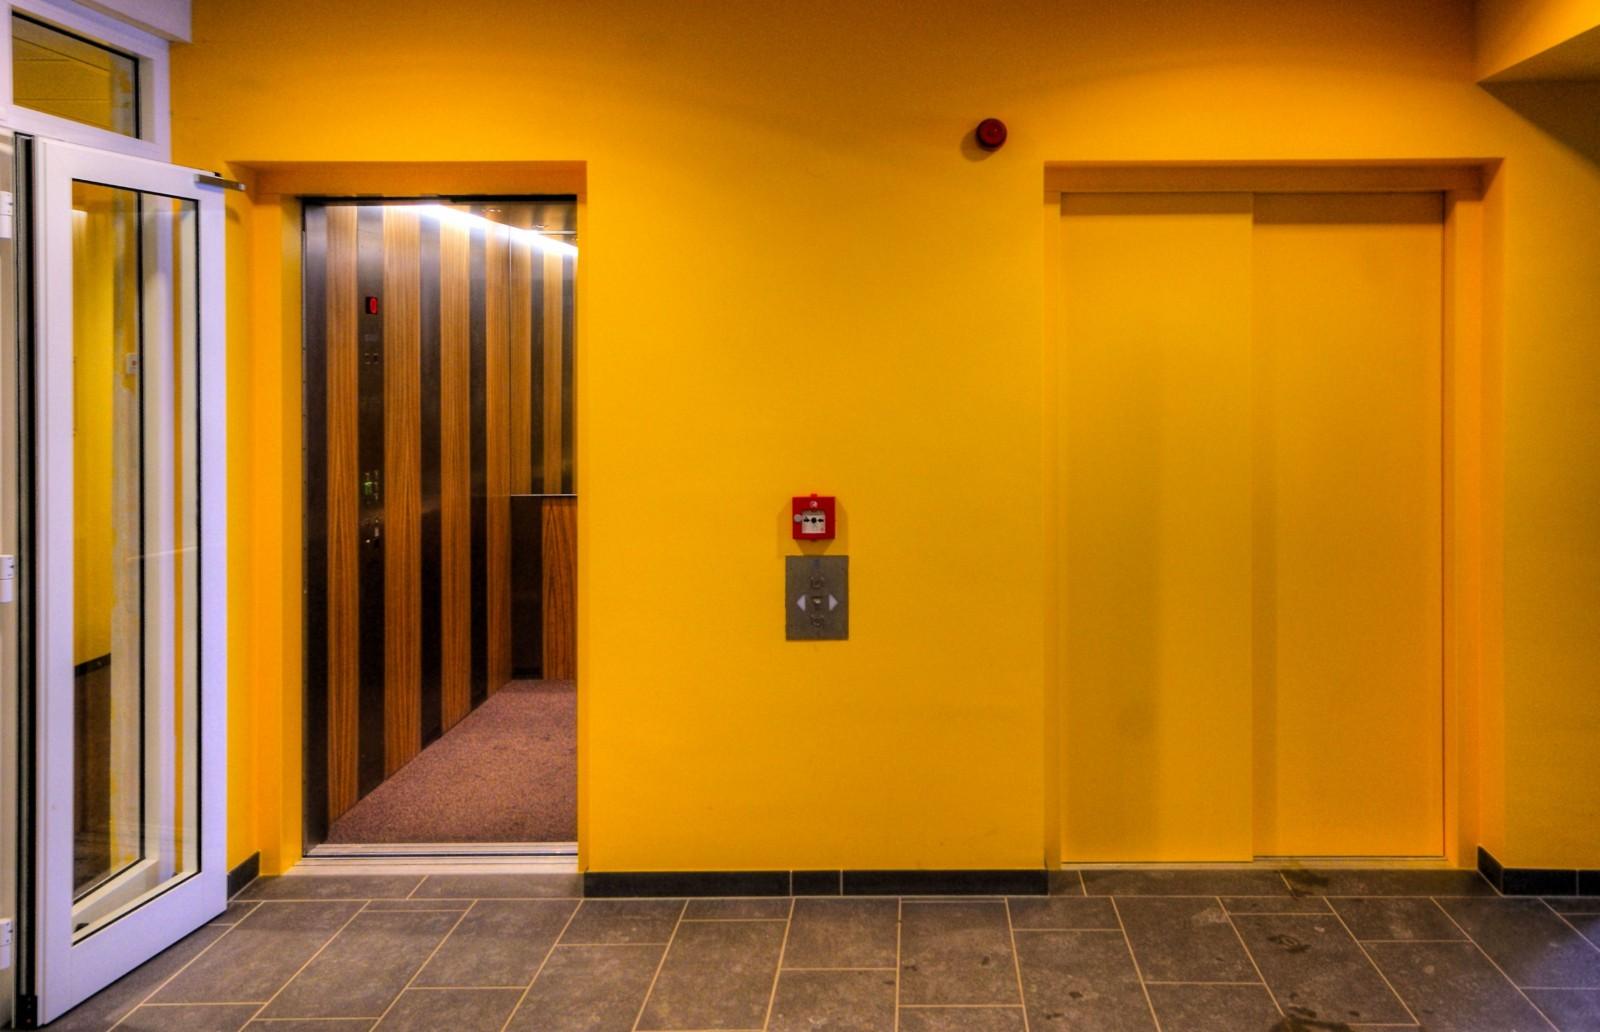 Etage in einer Einrichtung